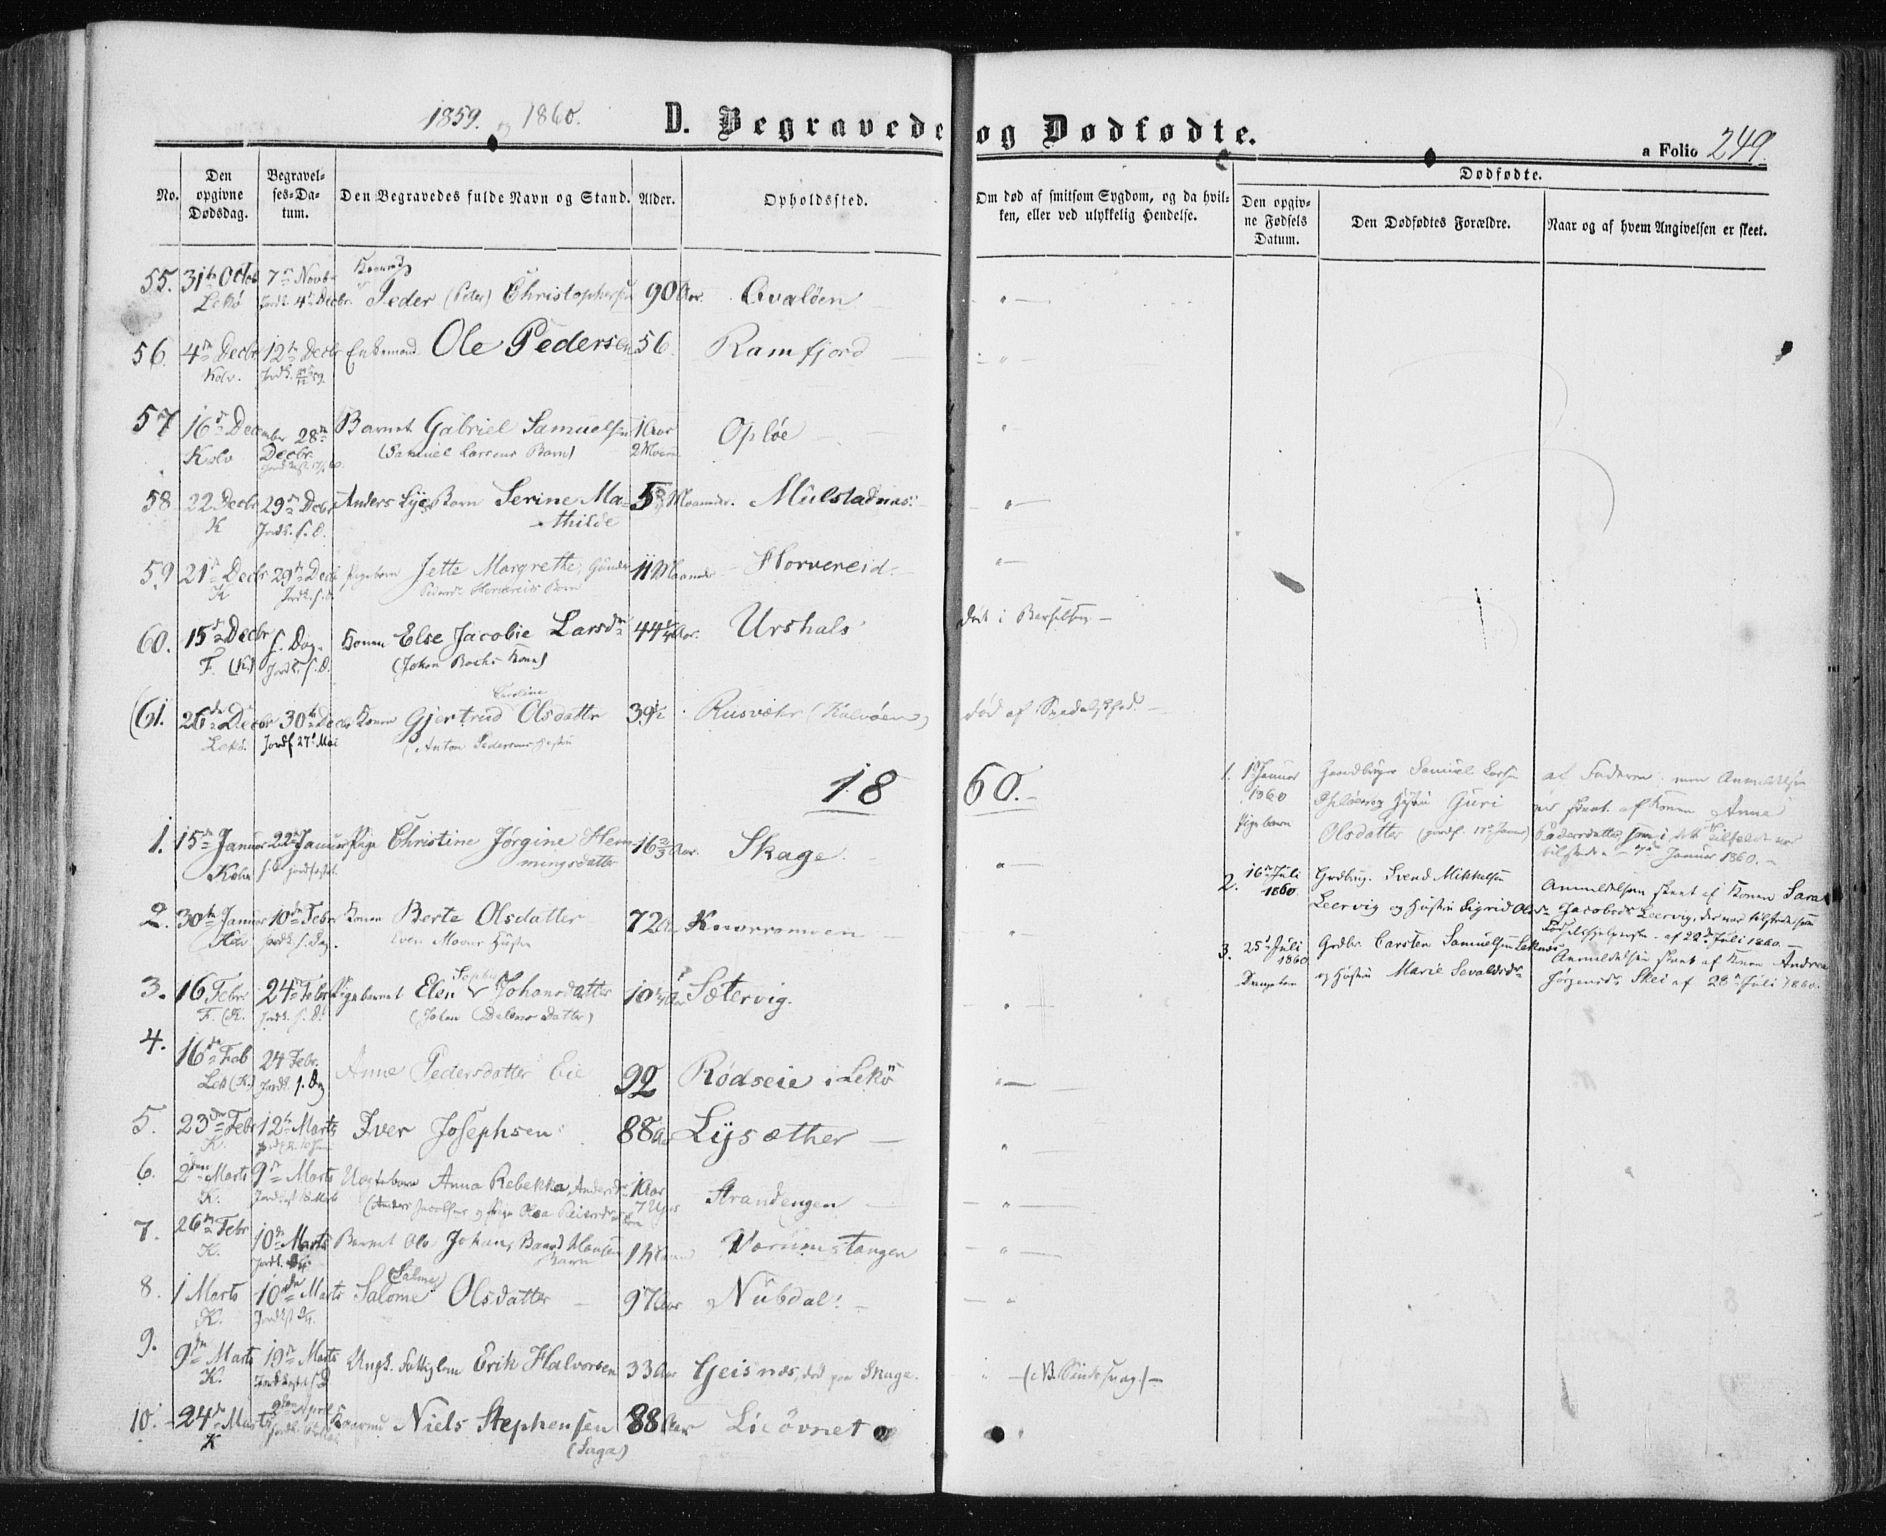 SAT, Ministerialprotokoller, klokkerbøker og fødselsregistre - Nord-Trøndelag, 780/L0641: Ministerialbok nr. 780A06, 1857-1874, s. 249